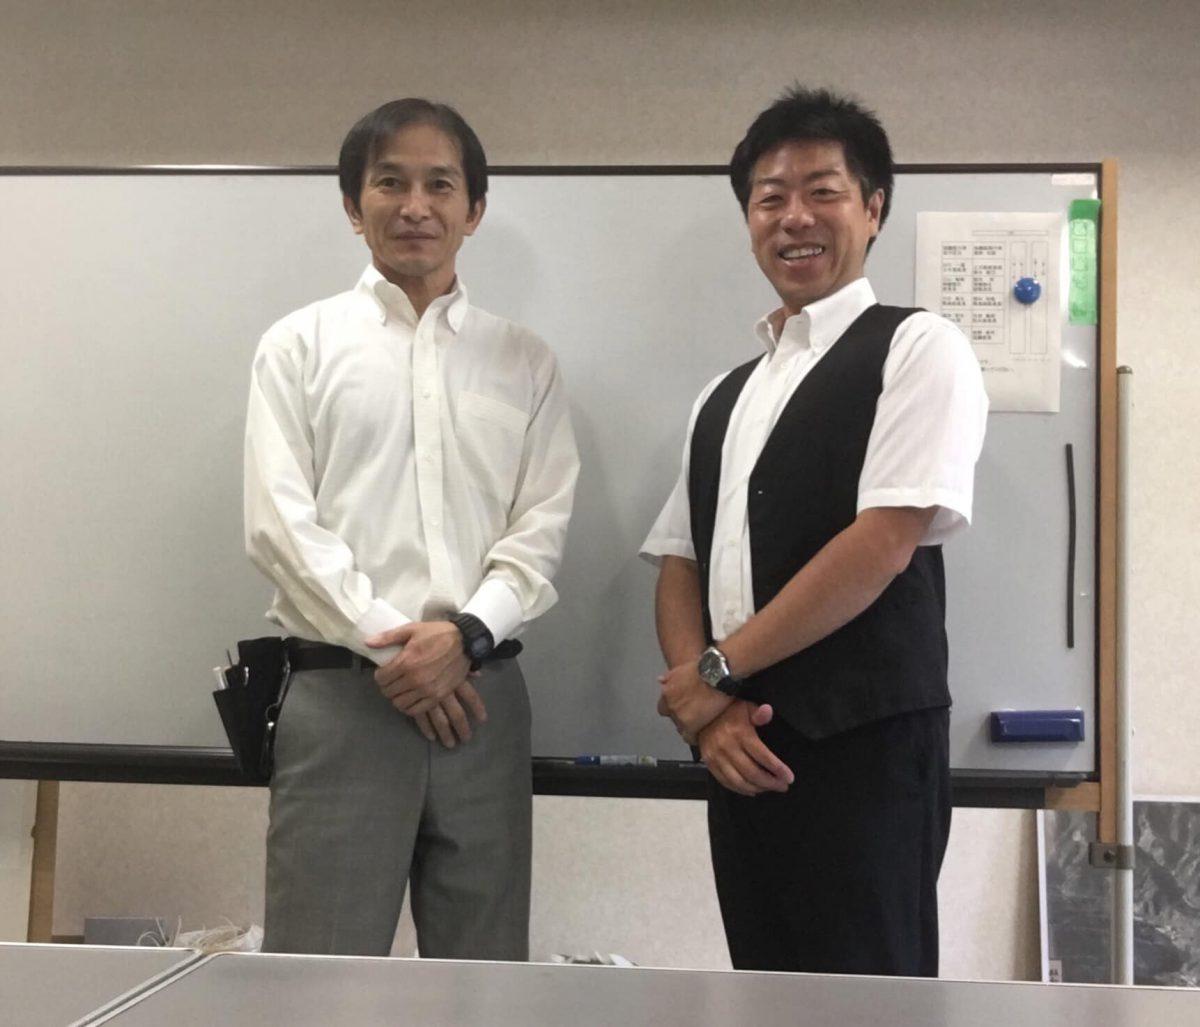 静岡県静岡市にて【認知症トレーナー養成講座 地域向けコース 個人レッスン】をしました。